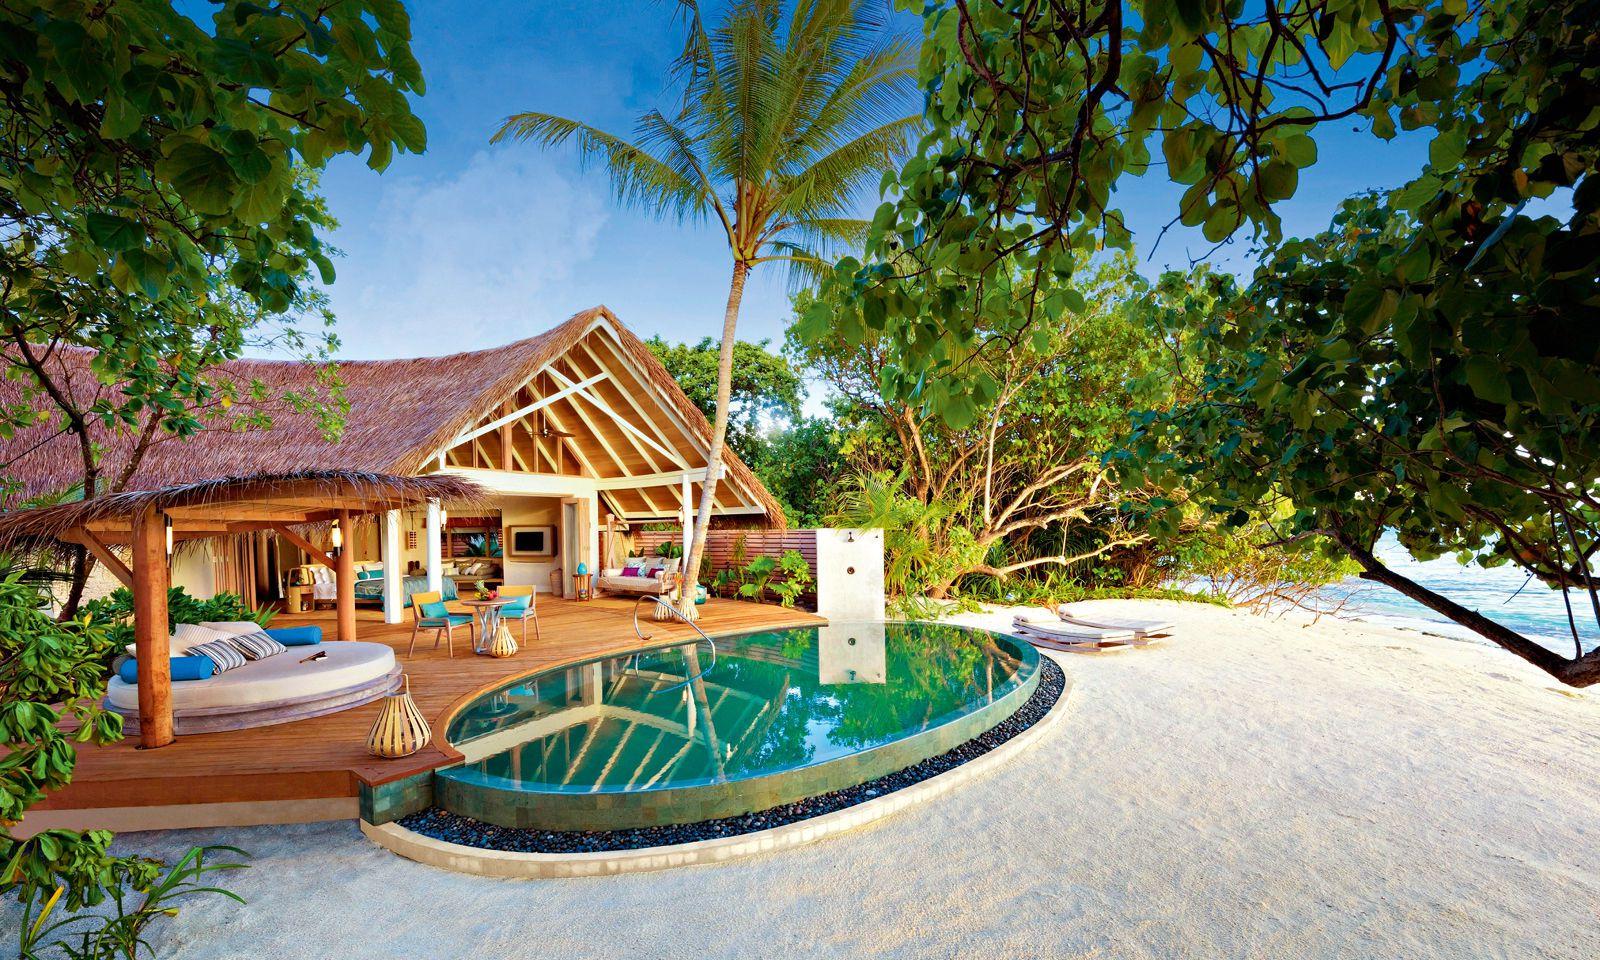 Privatsphäre. Die meisten Gäste verlassen ihre Villen samt Pool nur selten.